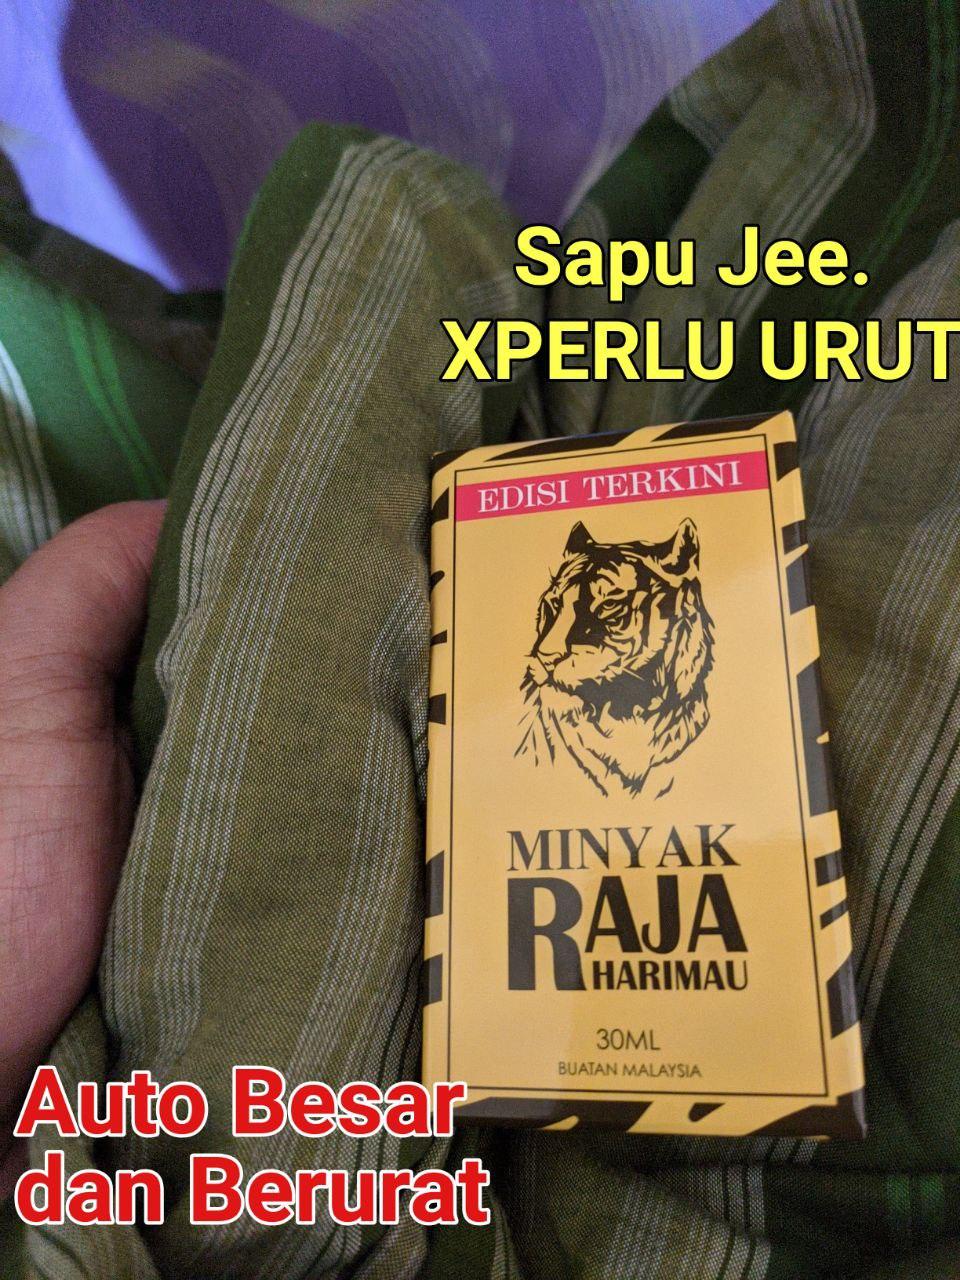 minyak-raja-harimau 2.jpg